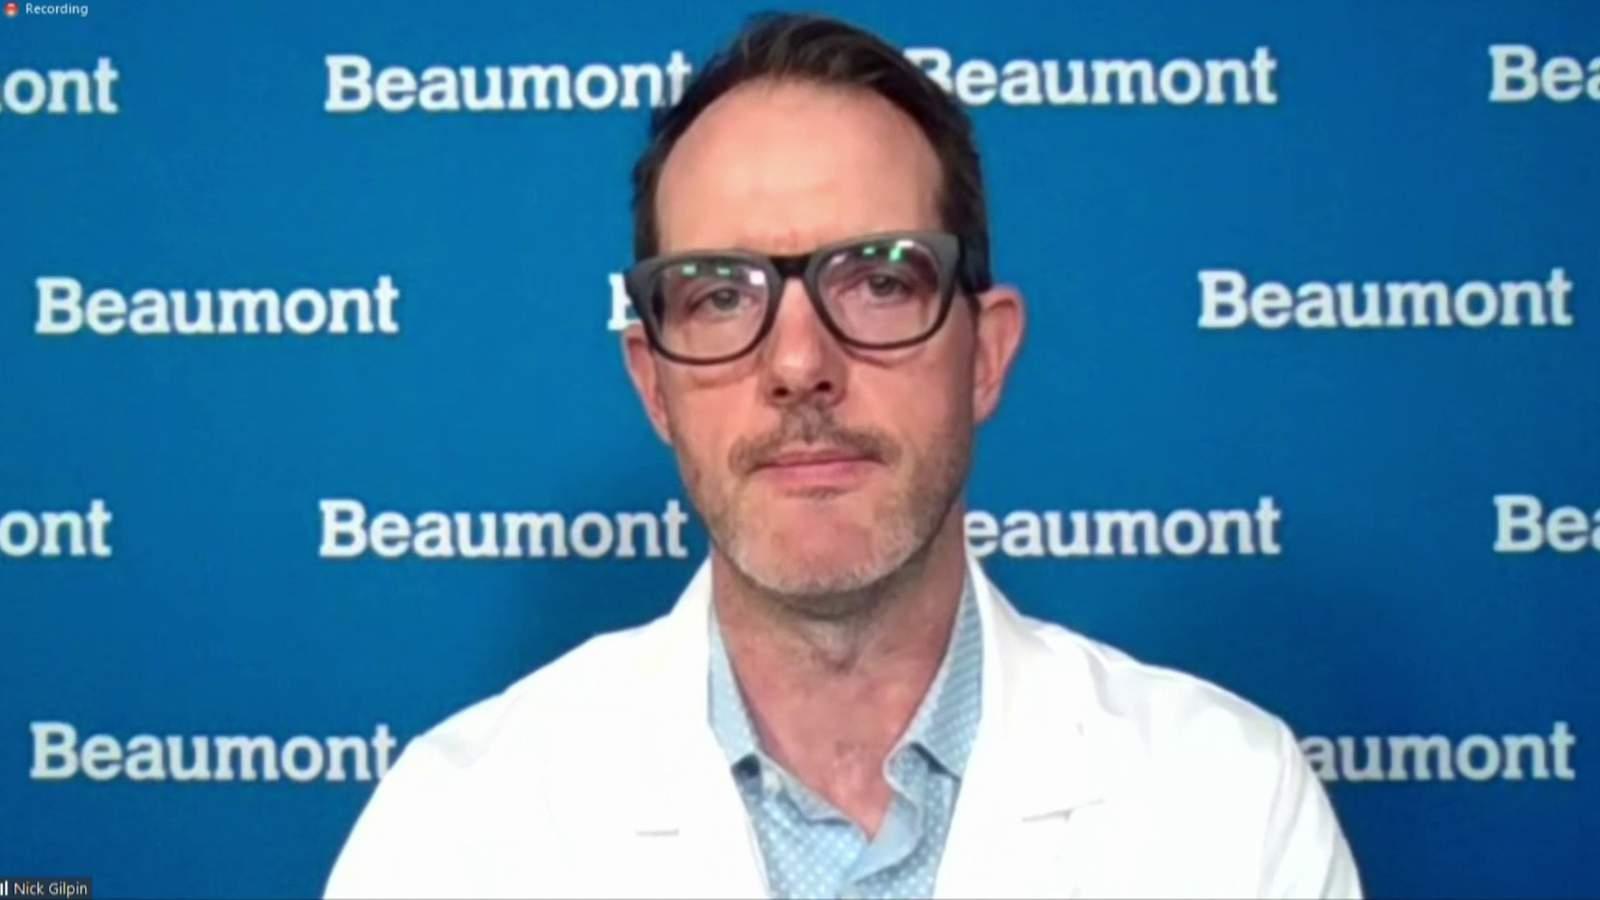 Urzędnik Beaumont Health uważa, że Michigan musi nałożyć więcej ograniczeń na COVID-19